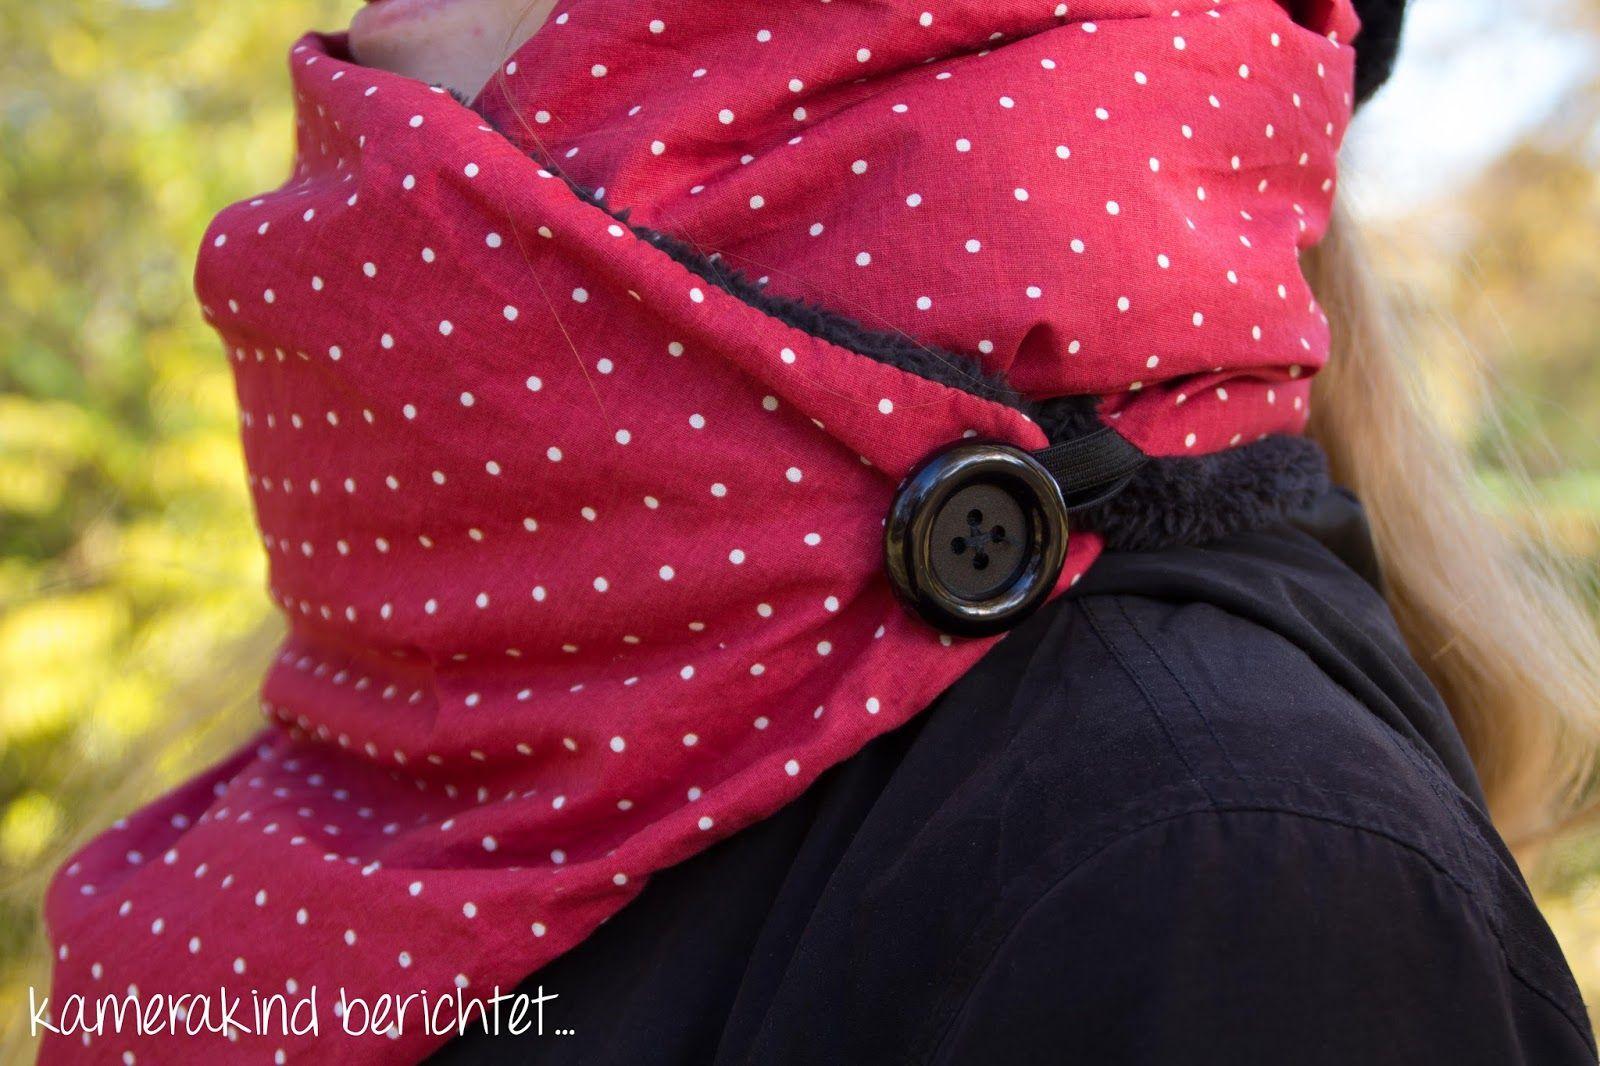 Nähanleitung Schal mit Knopf | Zukünftige Projekte | Pinterest